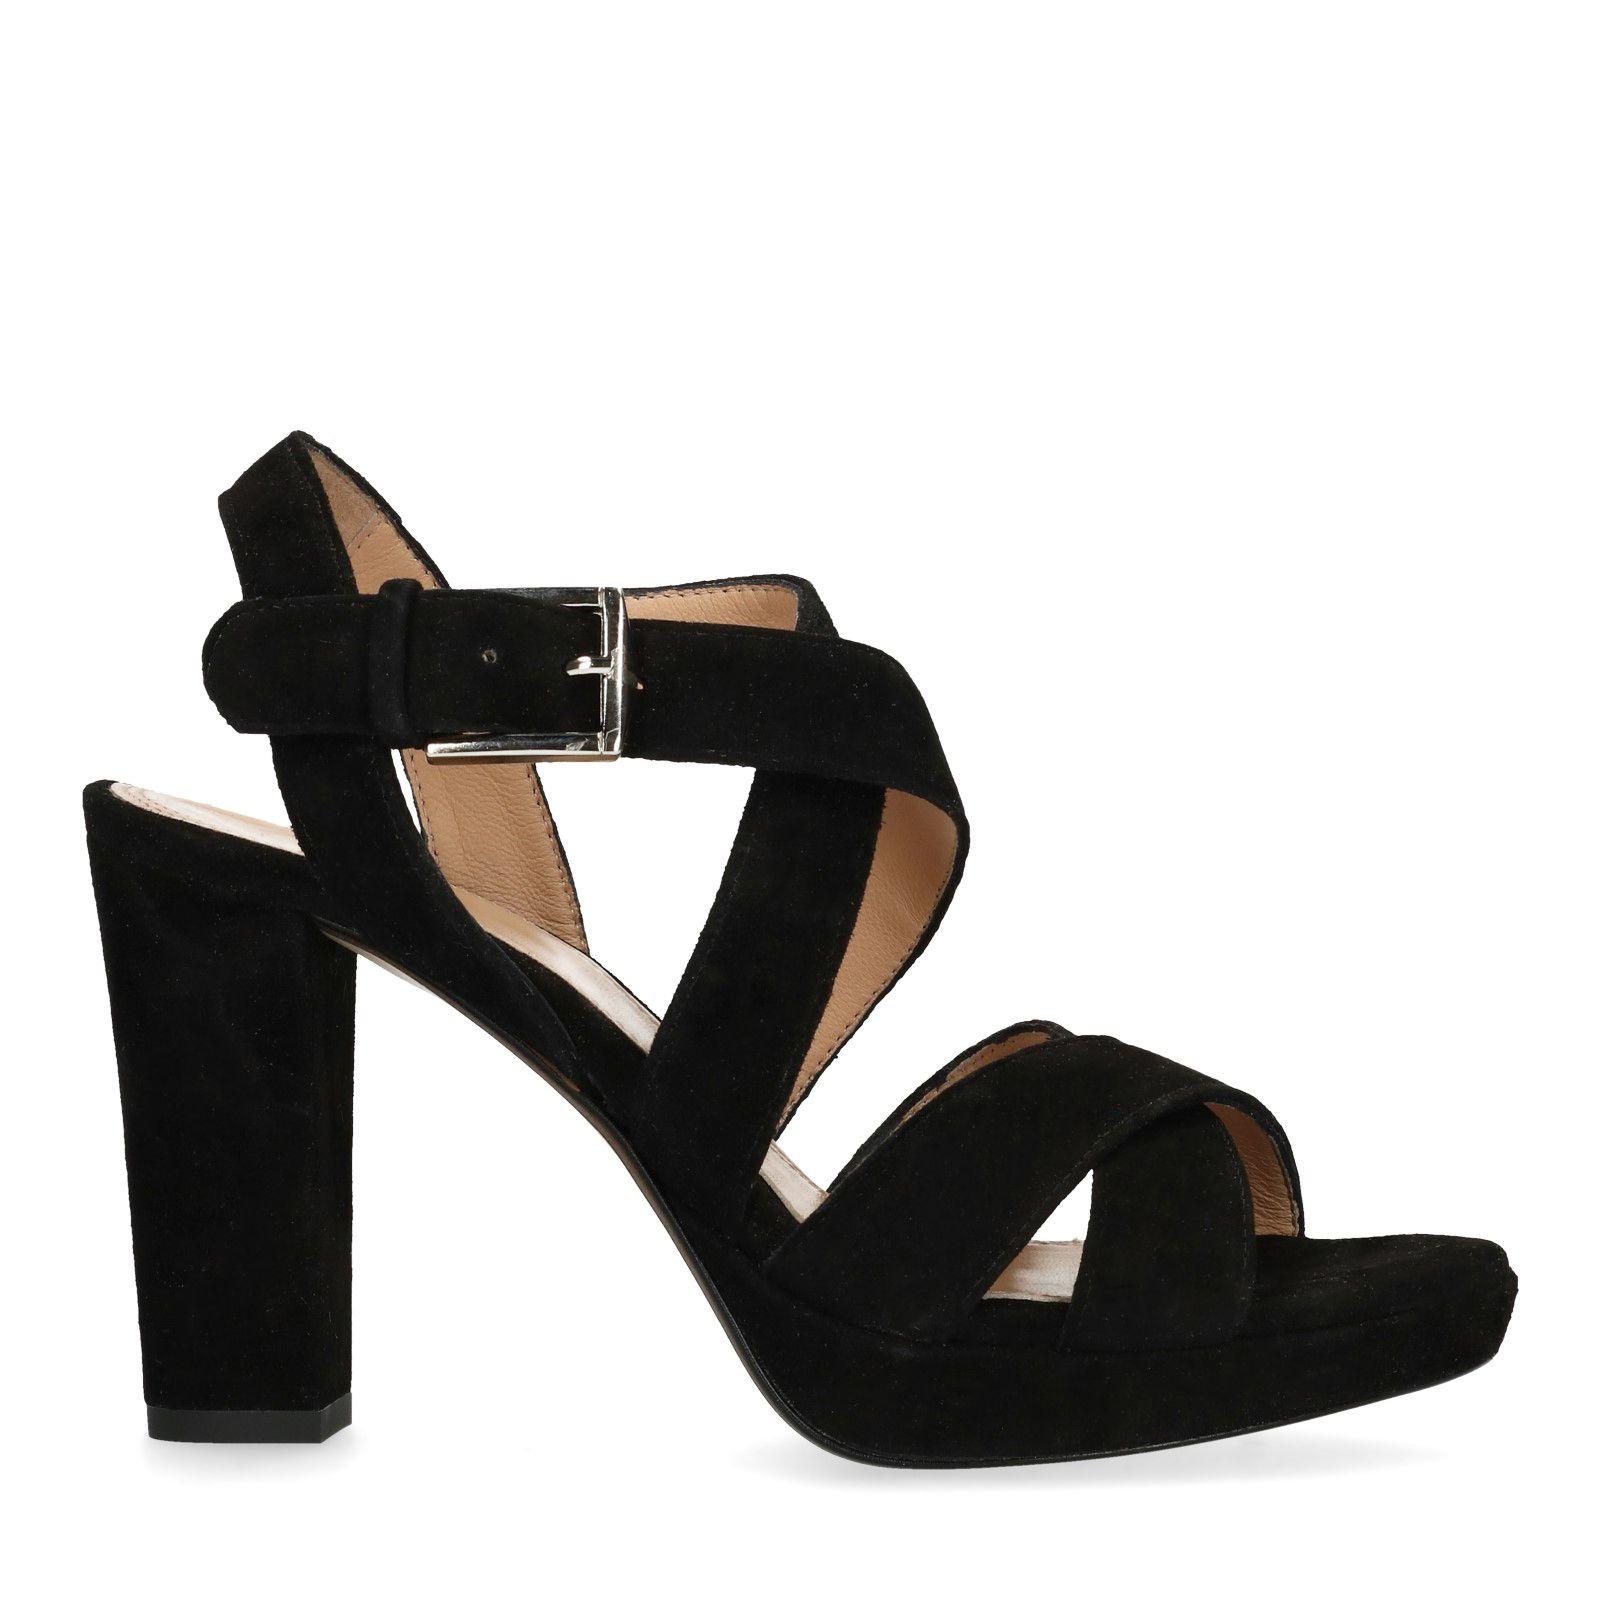 Zwarte sandalen met hak Dames   MANFIELD